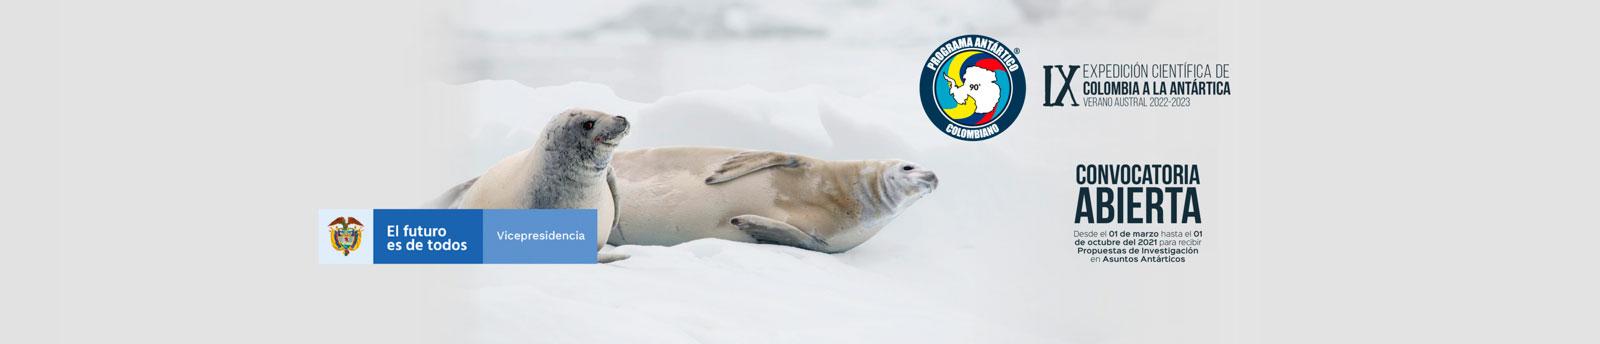 Se abre convocatoria para la IX Expedición Científica de Colombia a la Antártica, verano austral 2022-2023